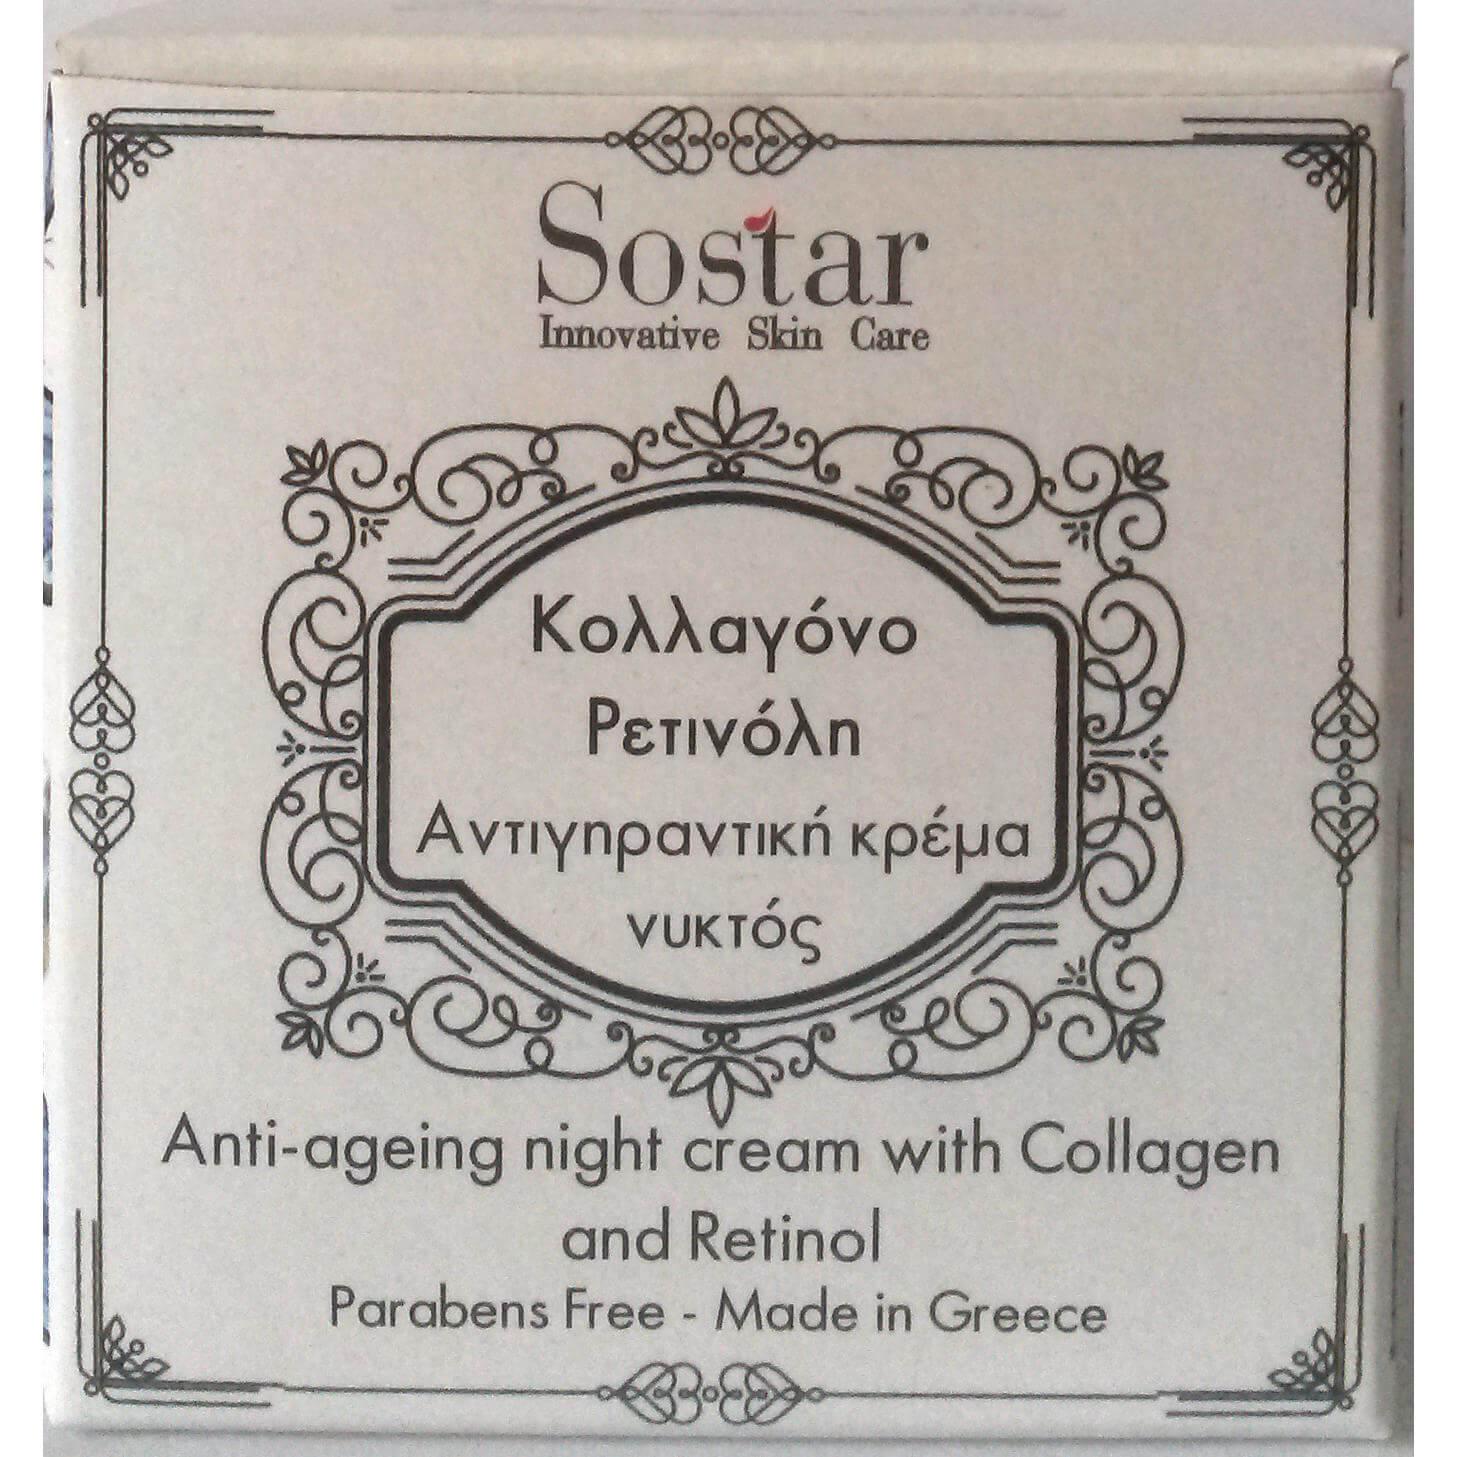 Sostar Anti-Ageing Night Cream Κρέμα Προσώπου Νυκτός Εντατικής Αντιγήρανσης με Κολλαγόνο & Ρετινόλη 50ml